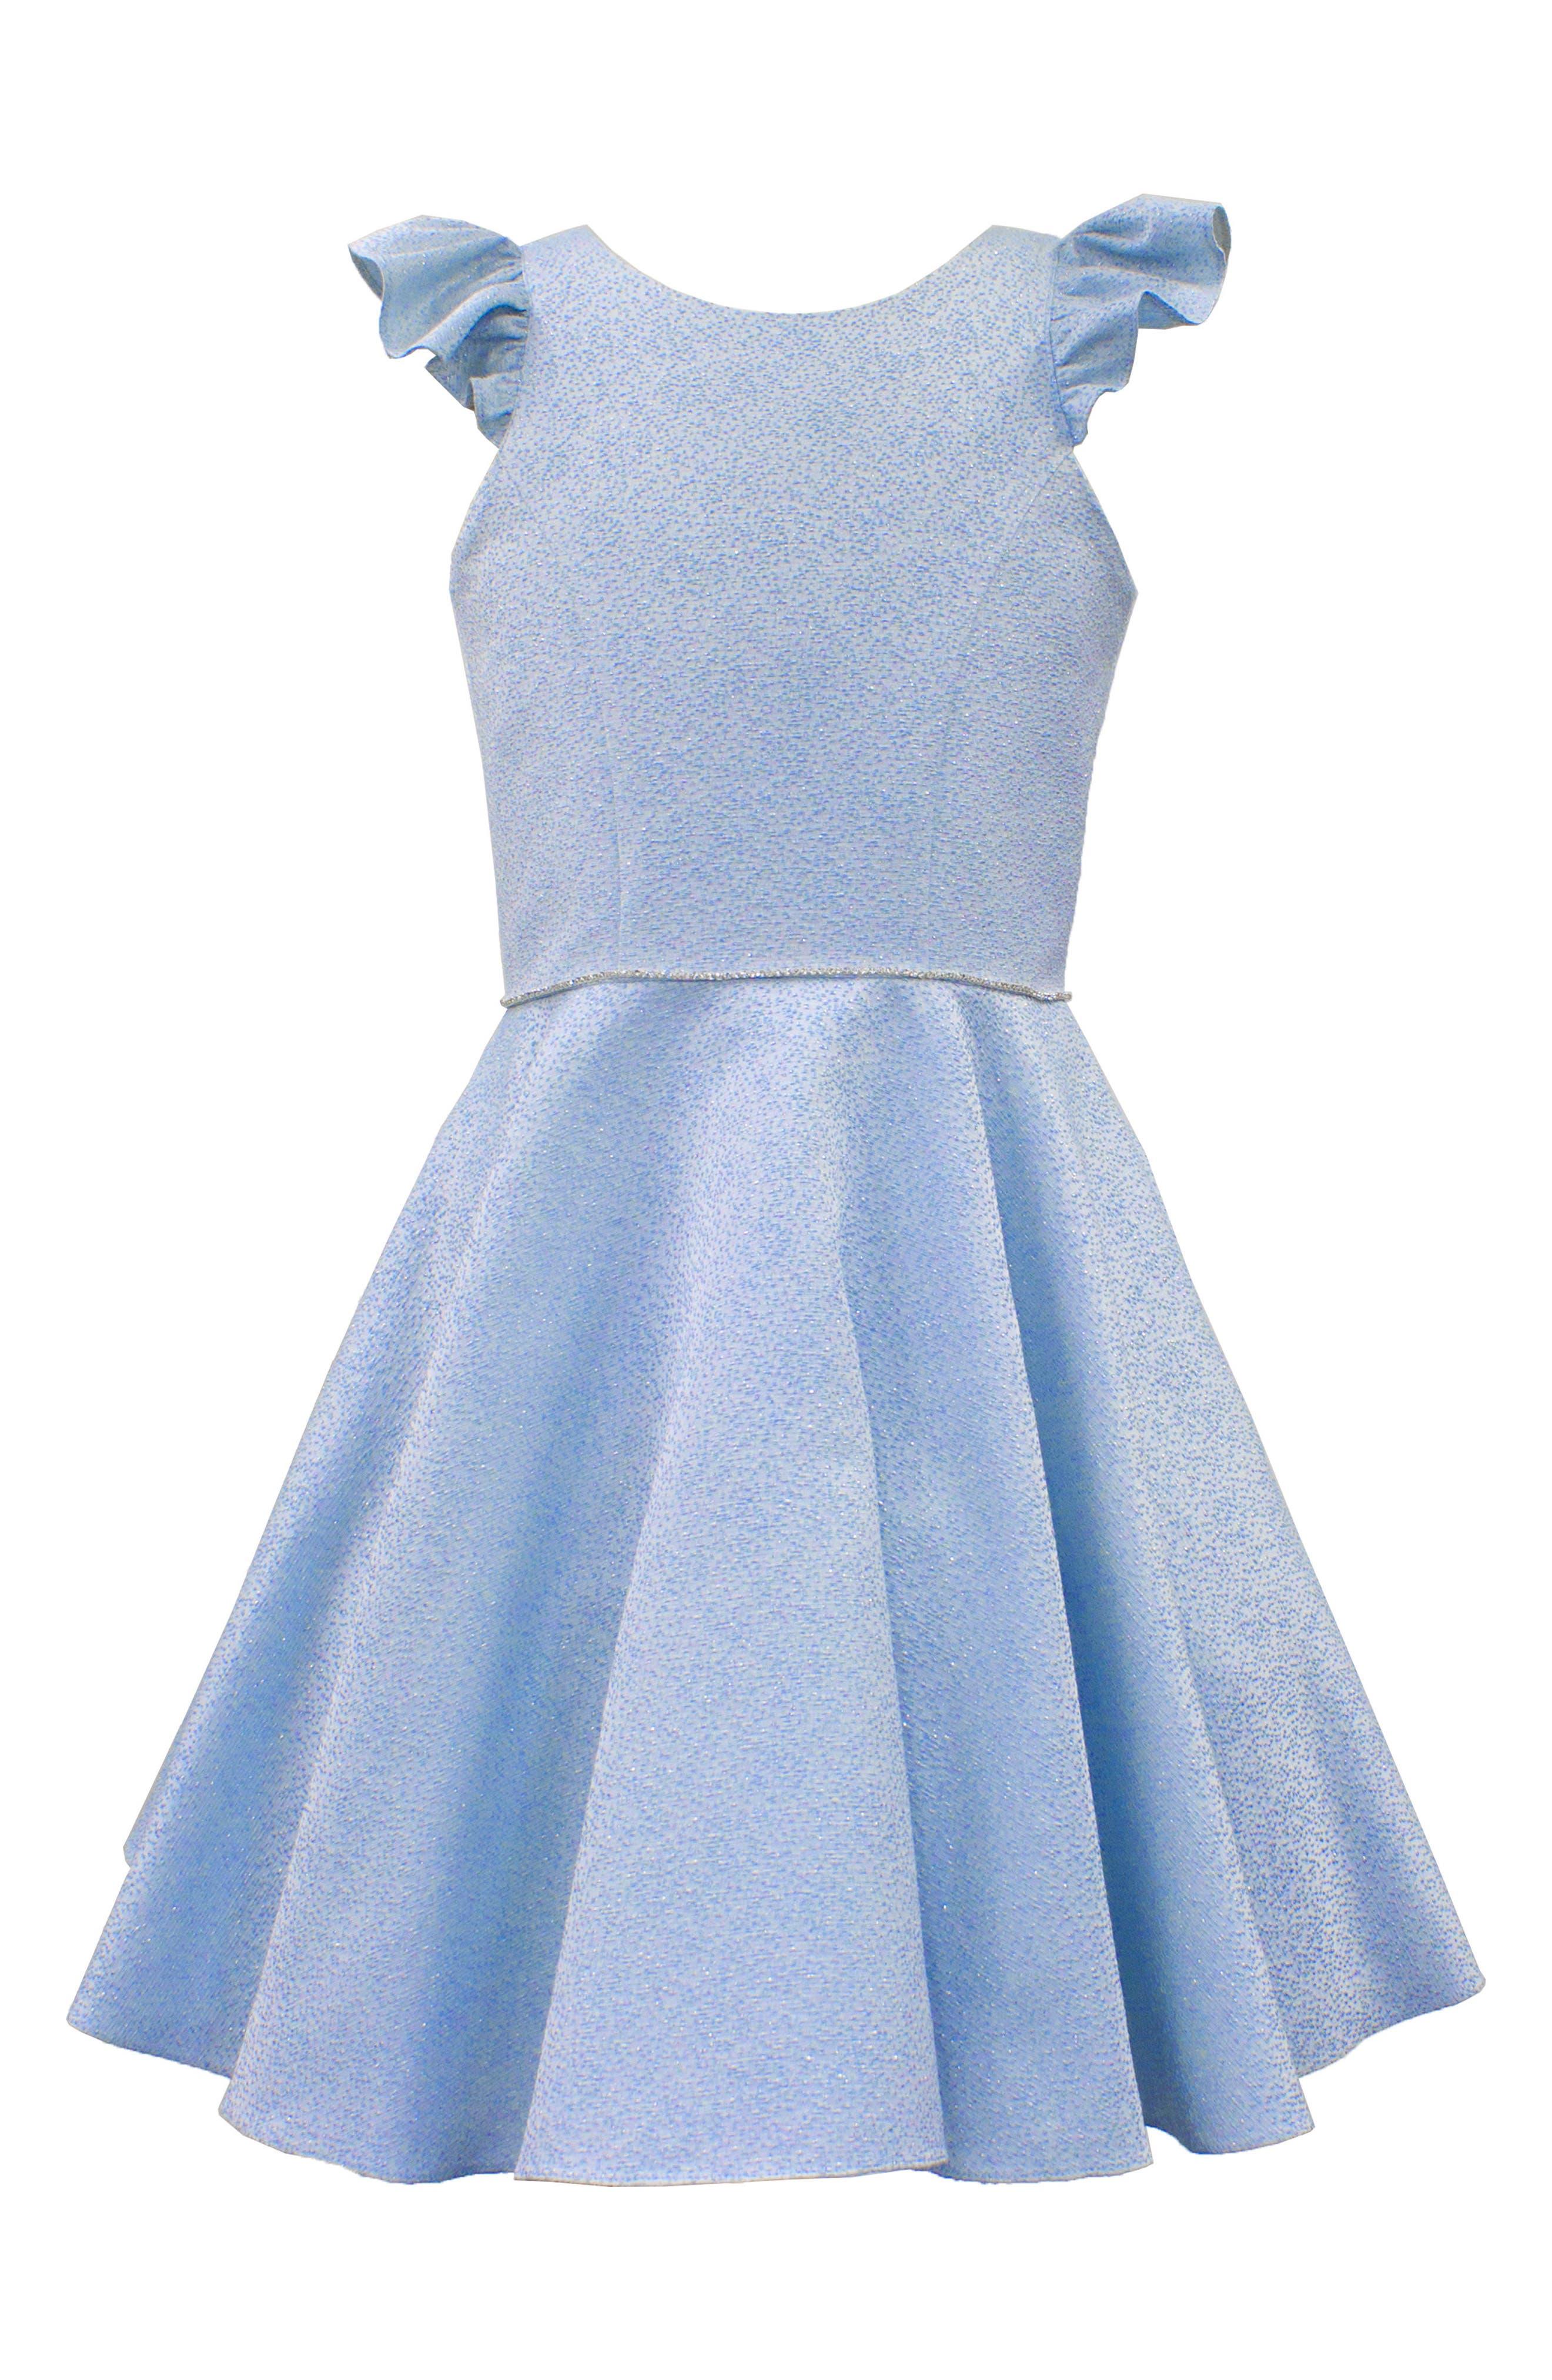 Alternate Image 1 Selected - David Charles Flutter Sleeve Dress (Big Girls)